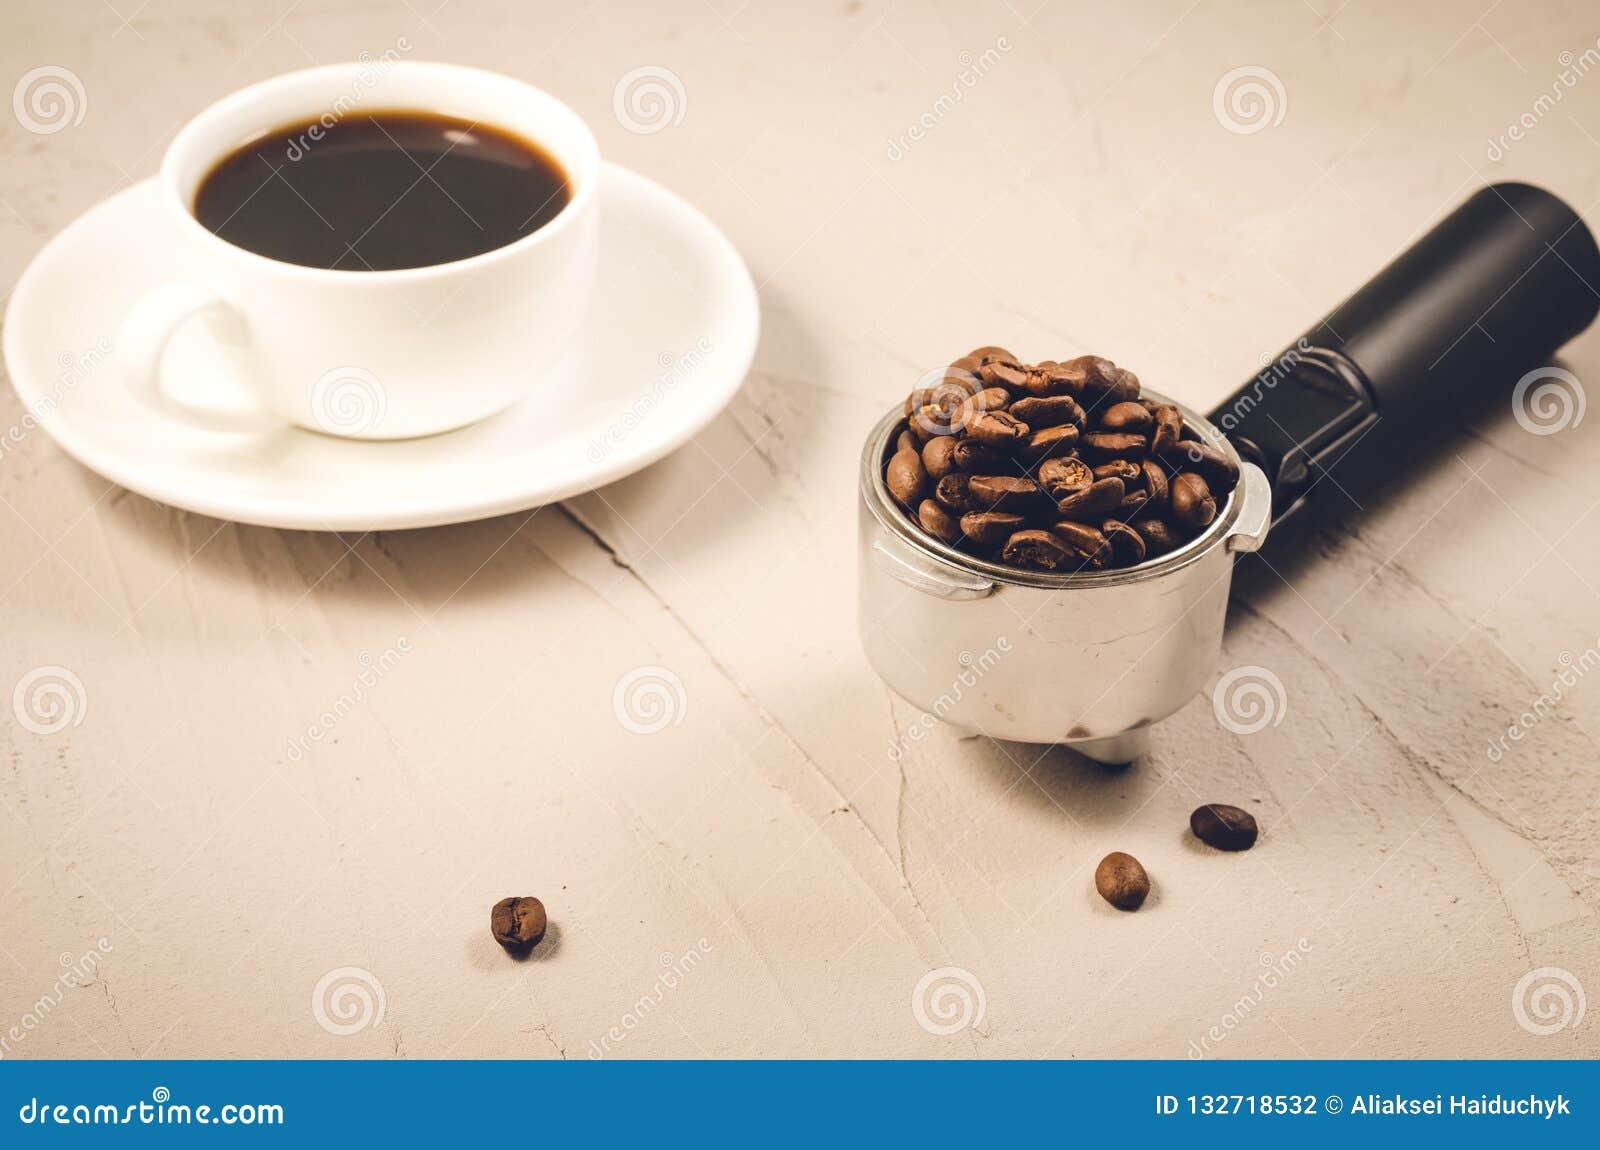 De Haricots Support Rempli Cafésupport Tasse Et ZiOukXPwT